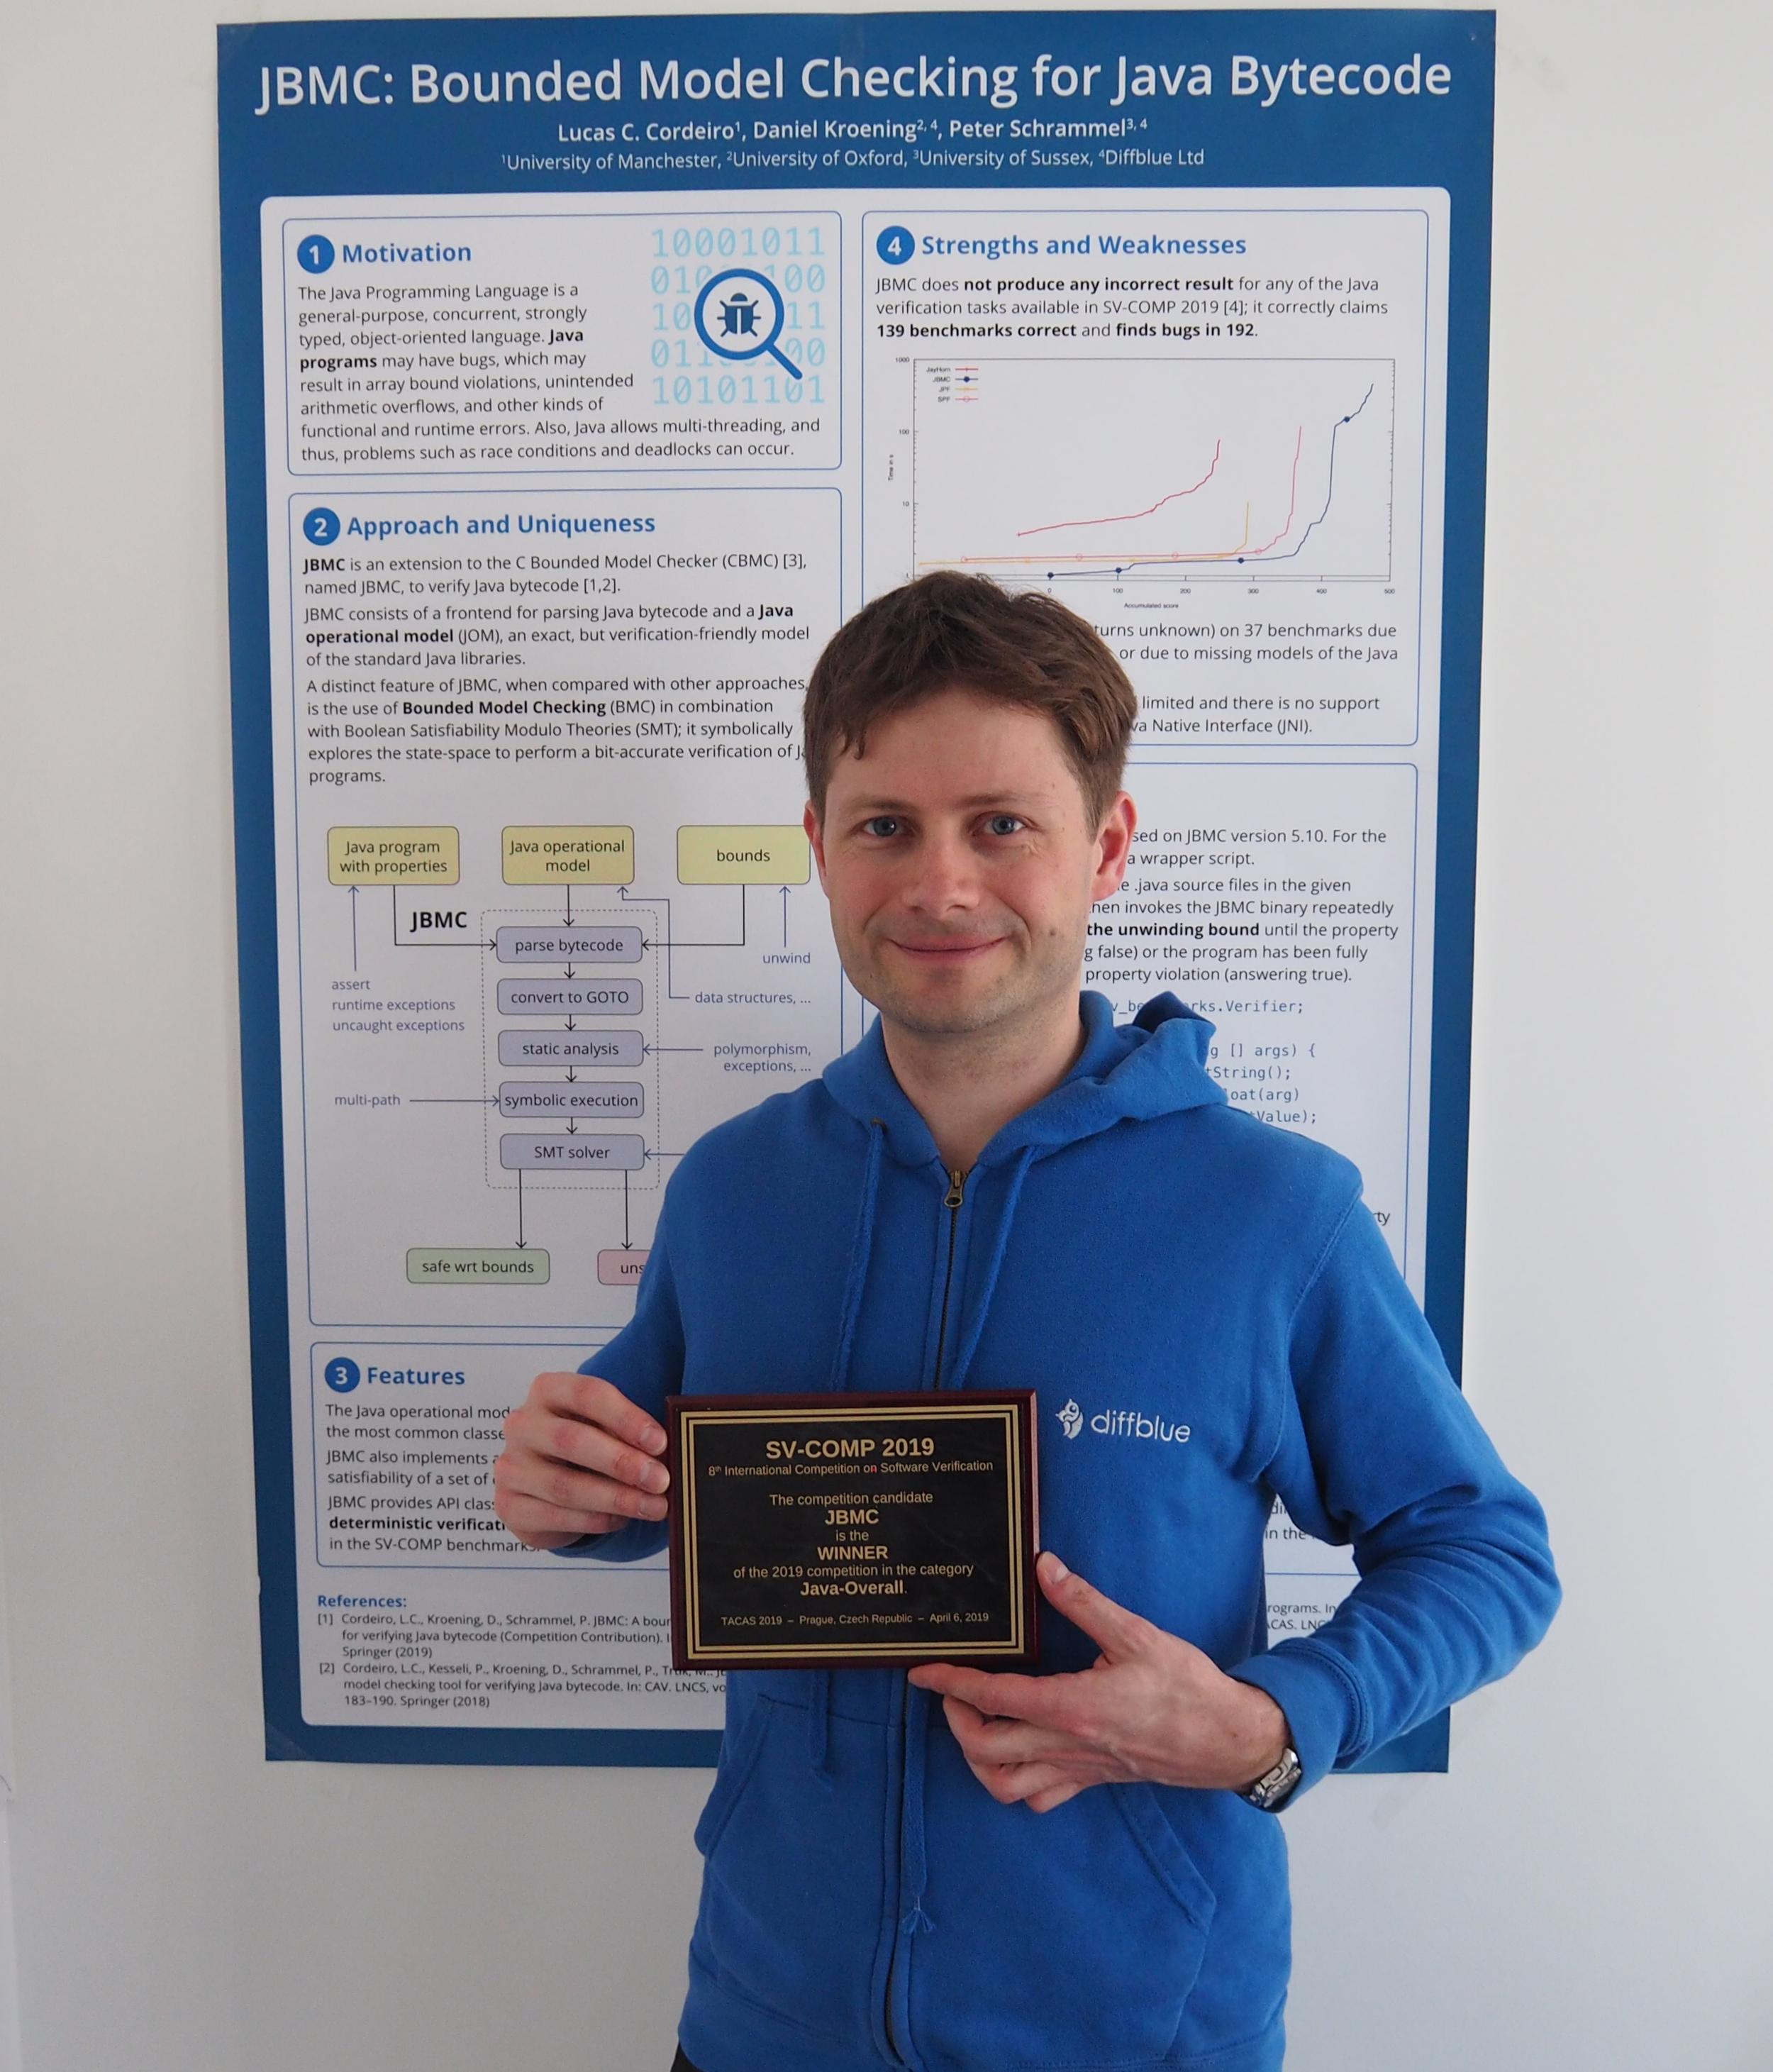 Diffblue's CTO Peter Schrammel receiving the award for the best Java software verification tool